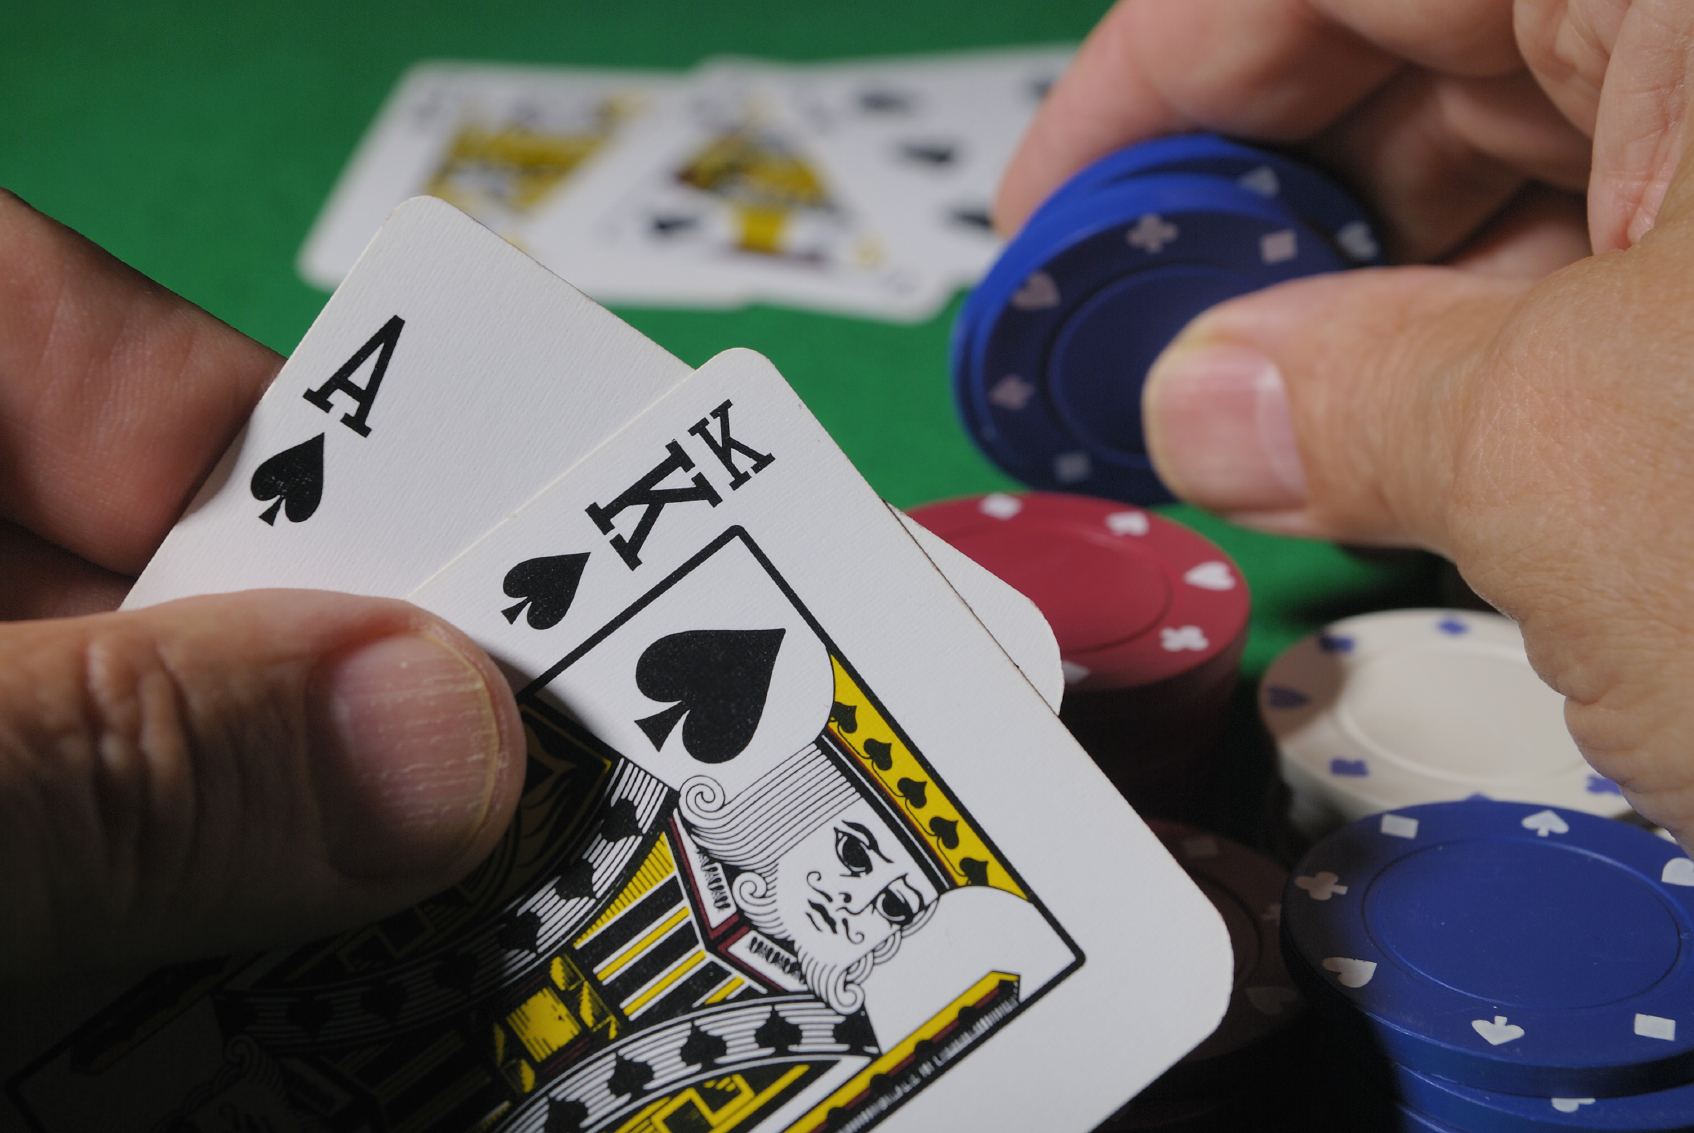 Онлайн обучение покеру холдем посетители подпольных казино что грозит